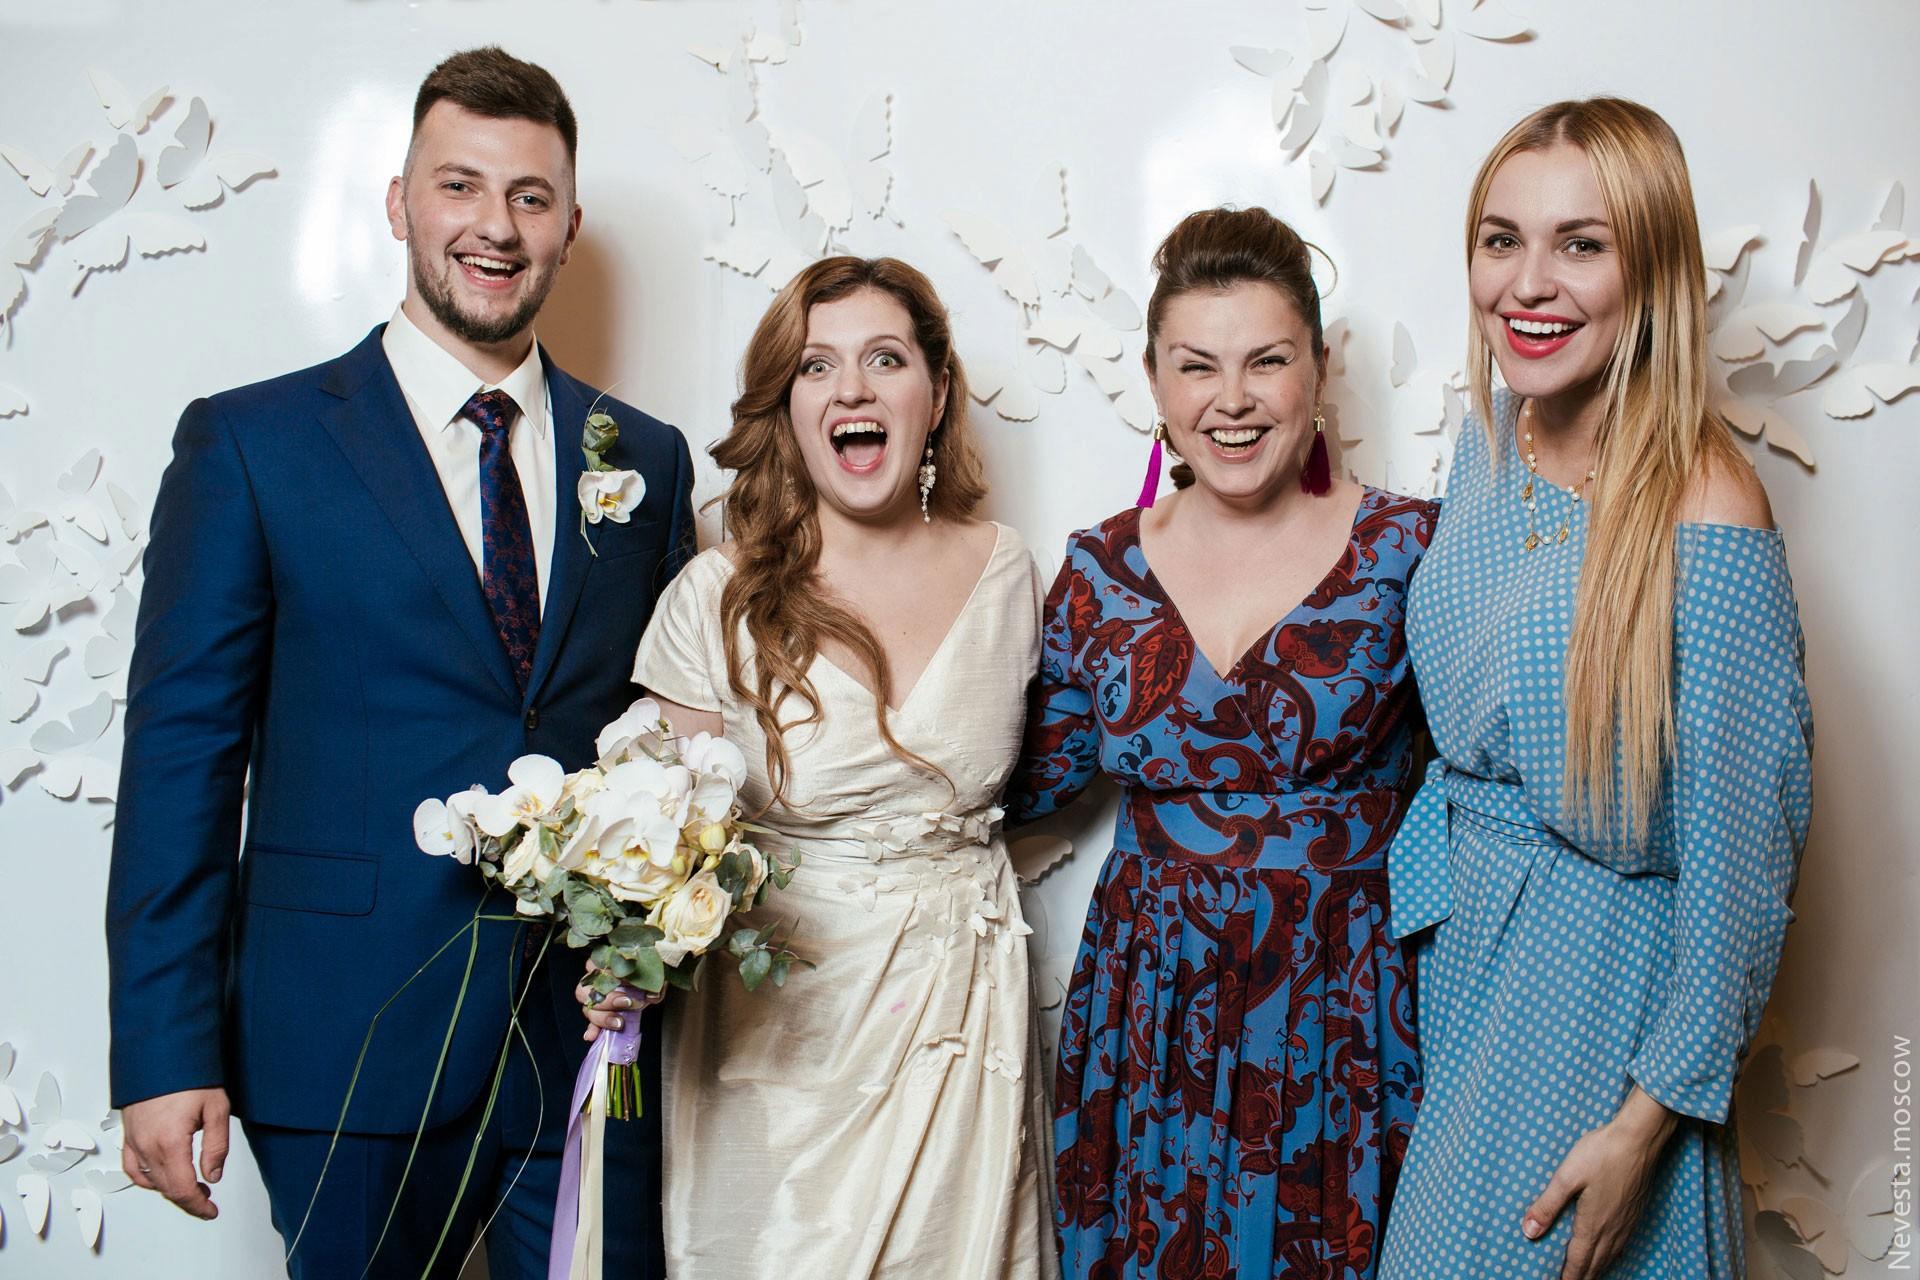 Свадьба Анастасии Денисовой и Богдана  фото 21